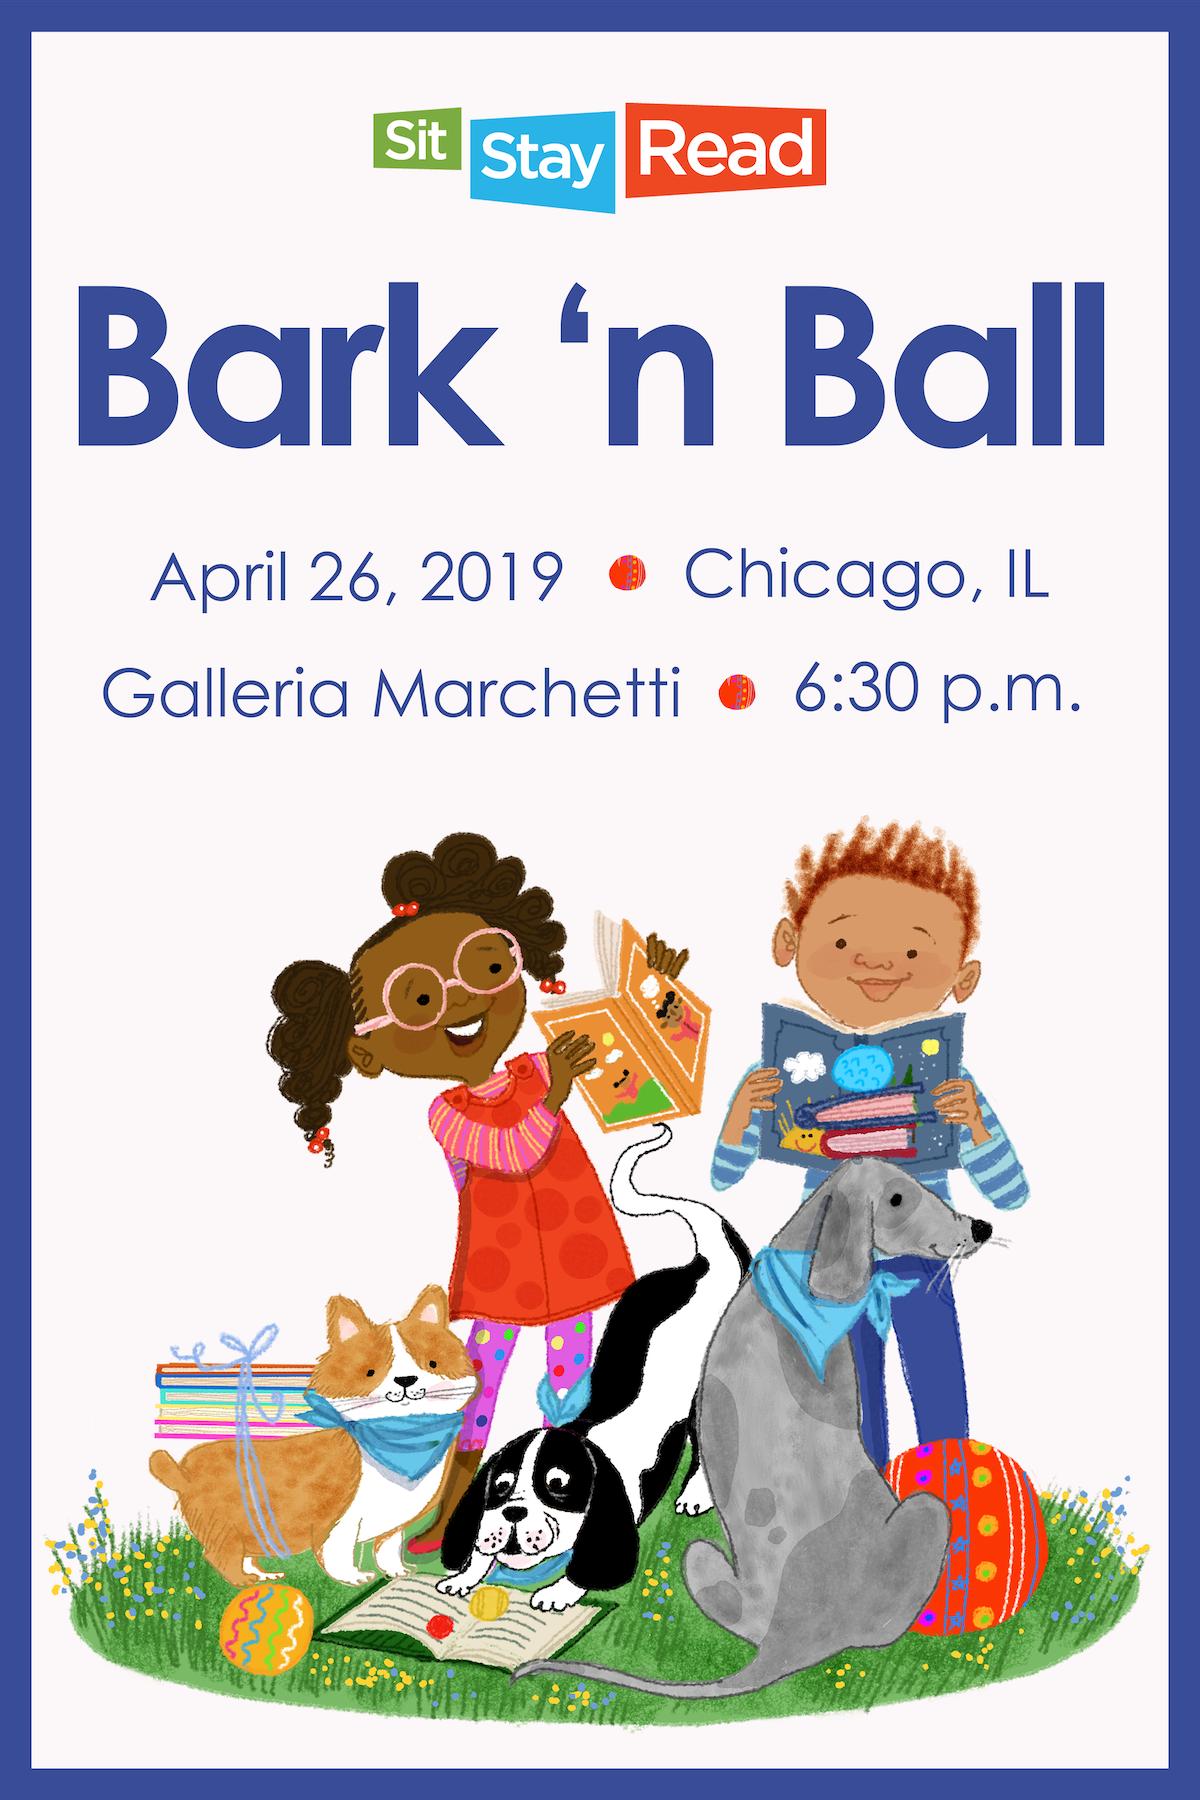 2019 Bark 'n Ball Poster